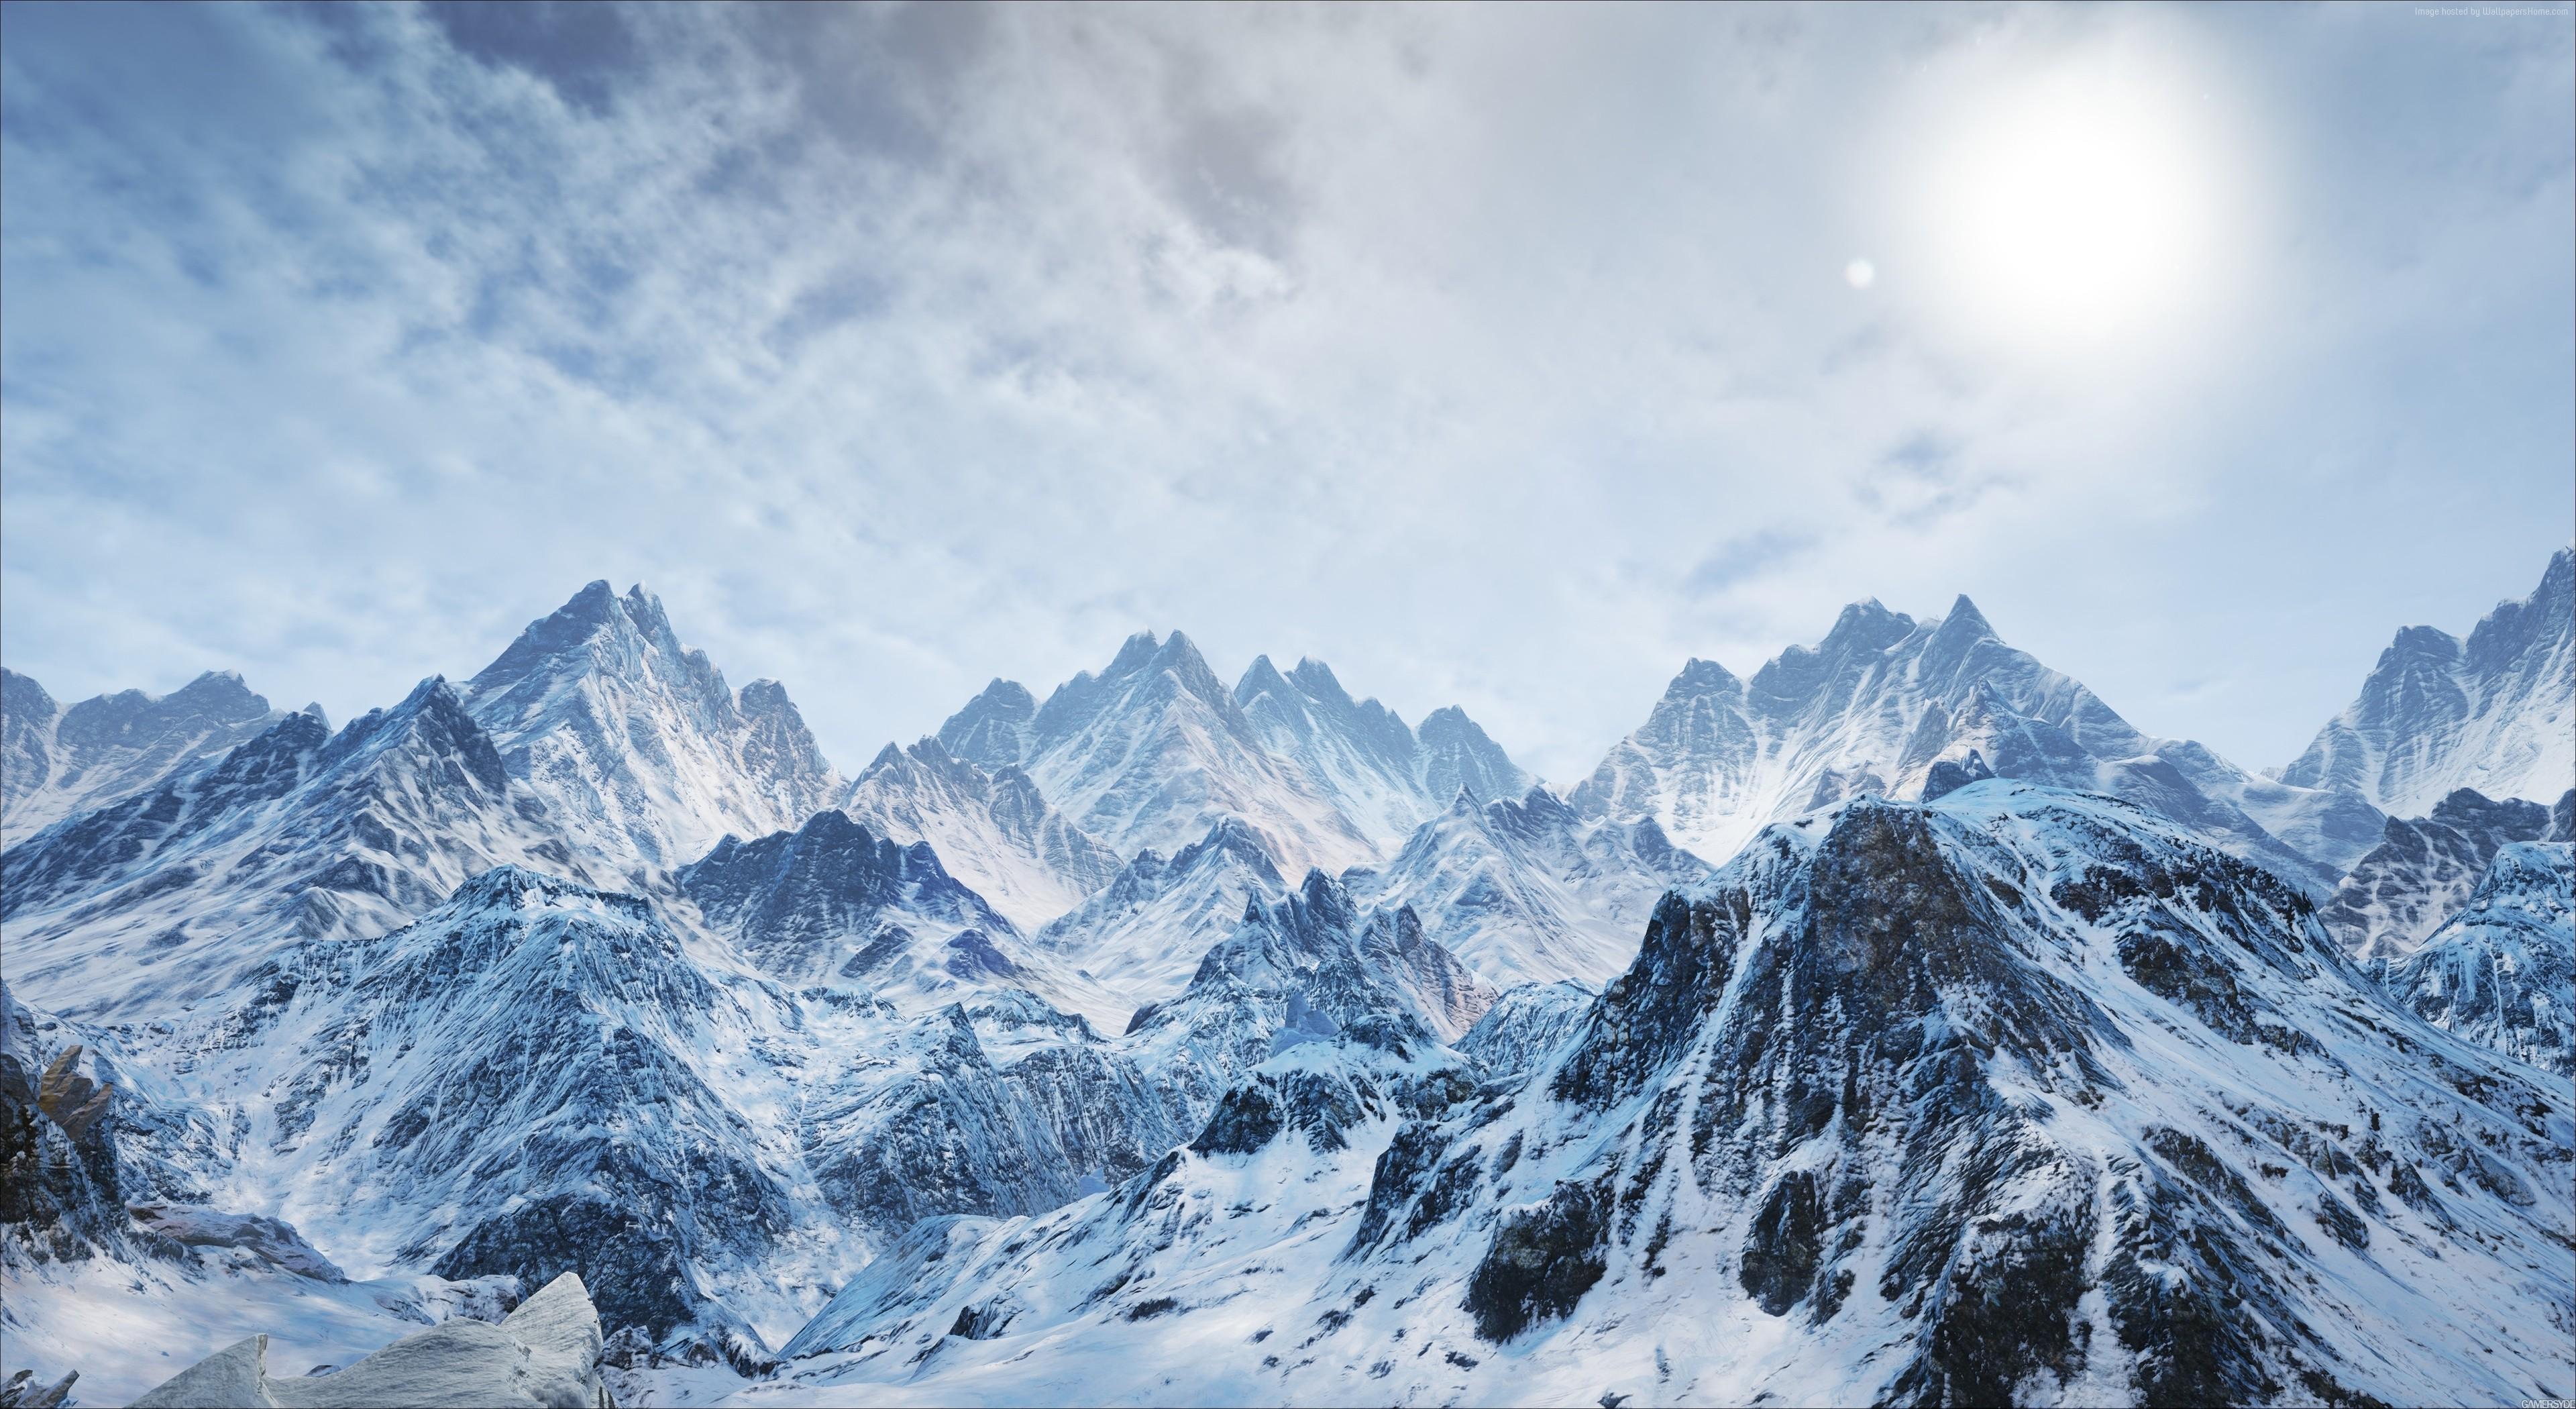 Wallpaper Mountains Snow Winter 4k Nature Wallpaper Download High Resolution 4k Wallpaper